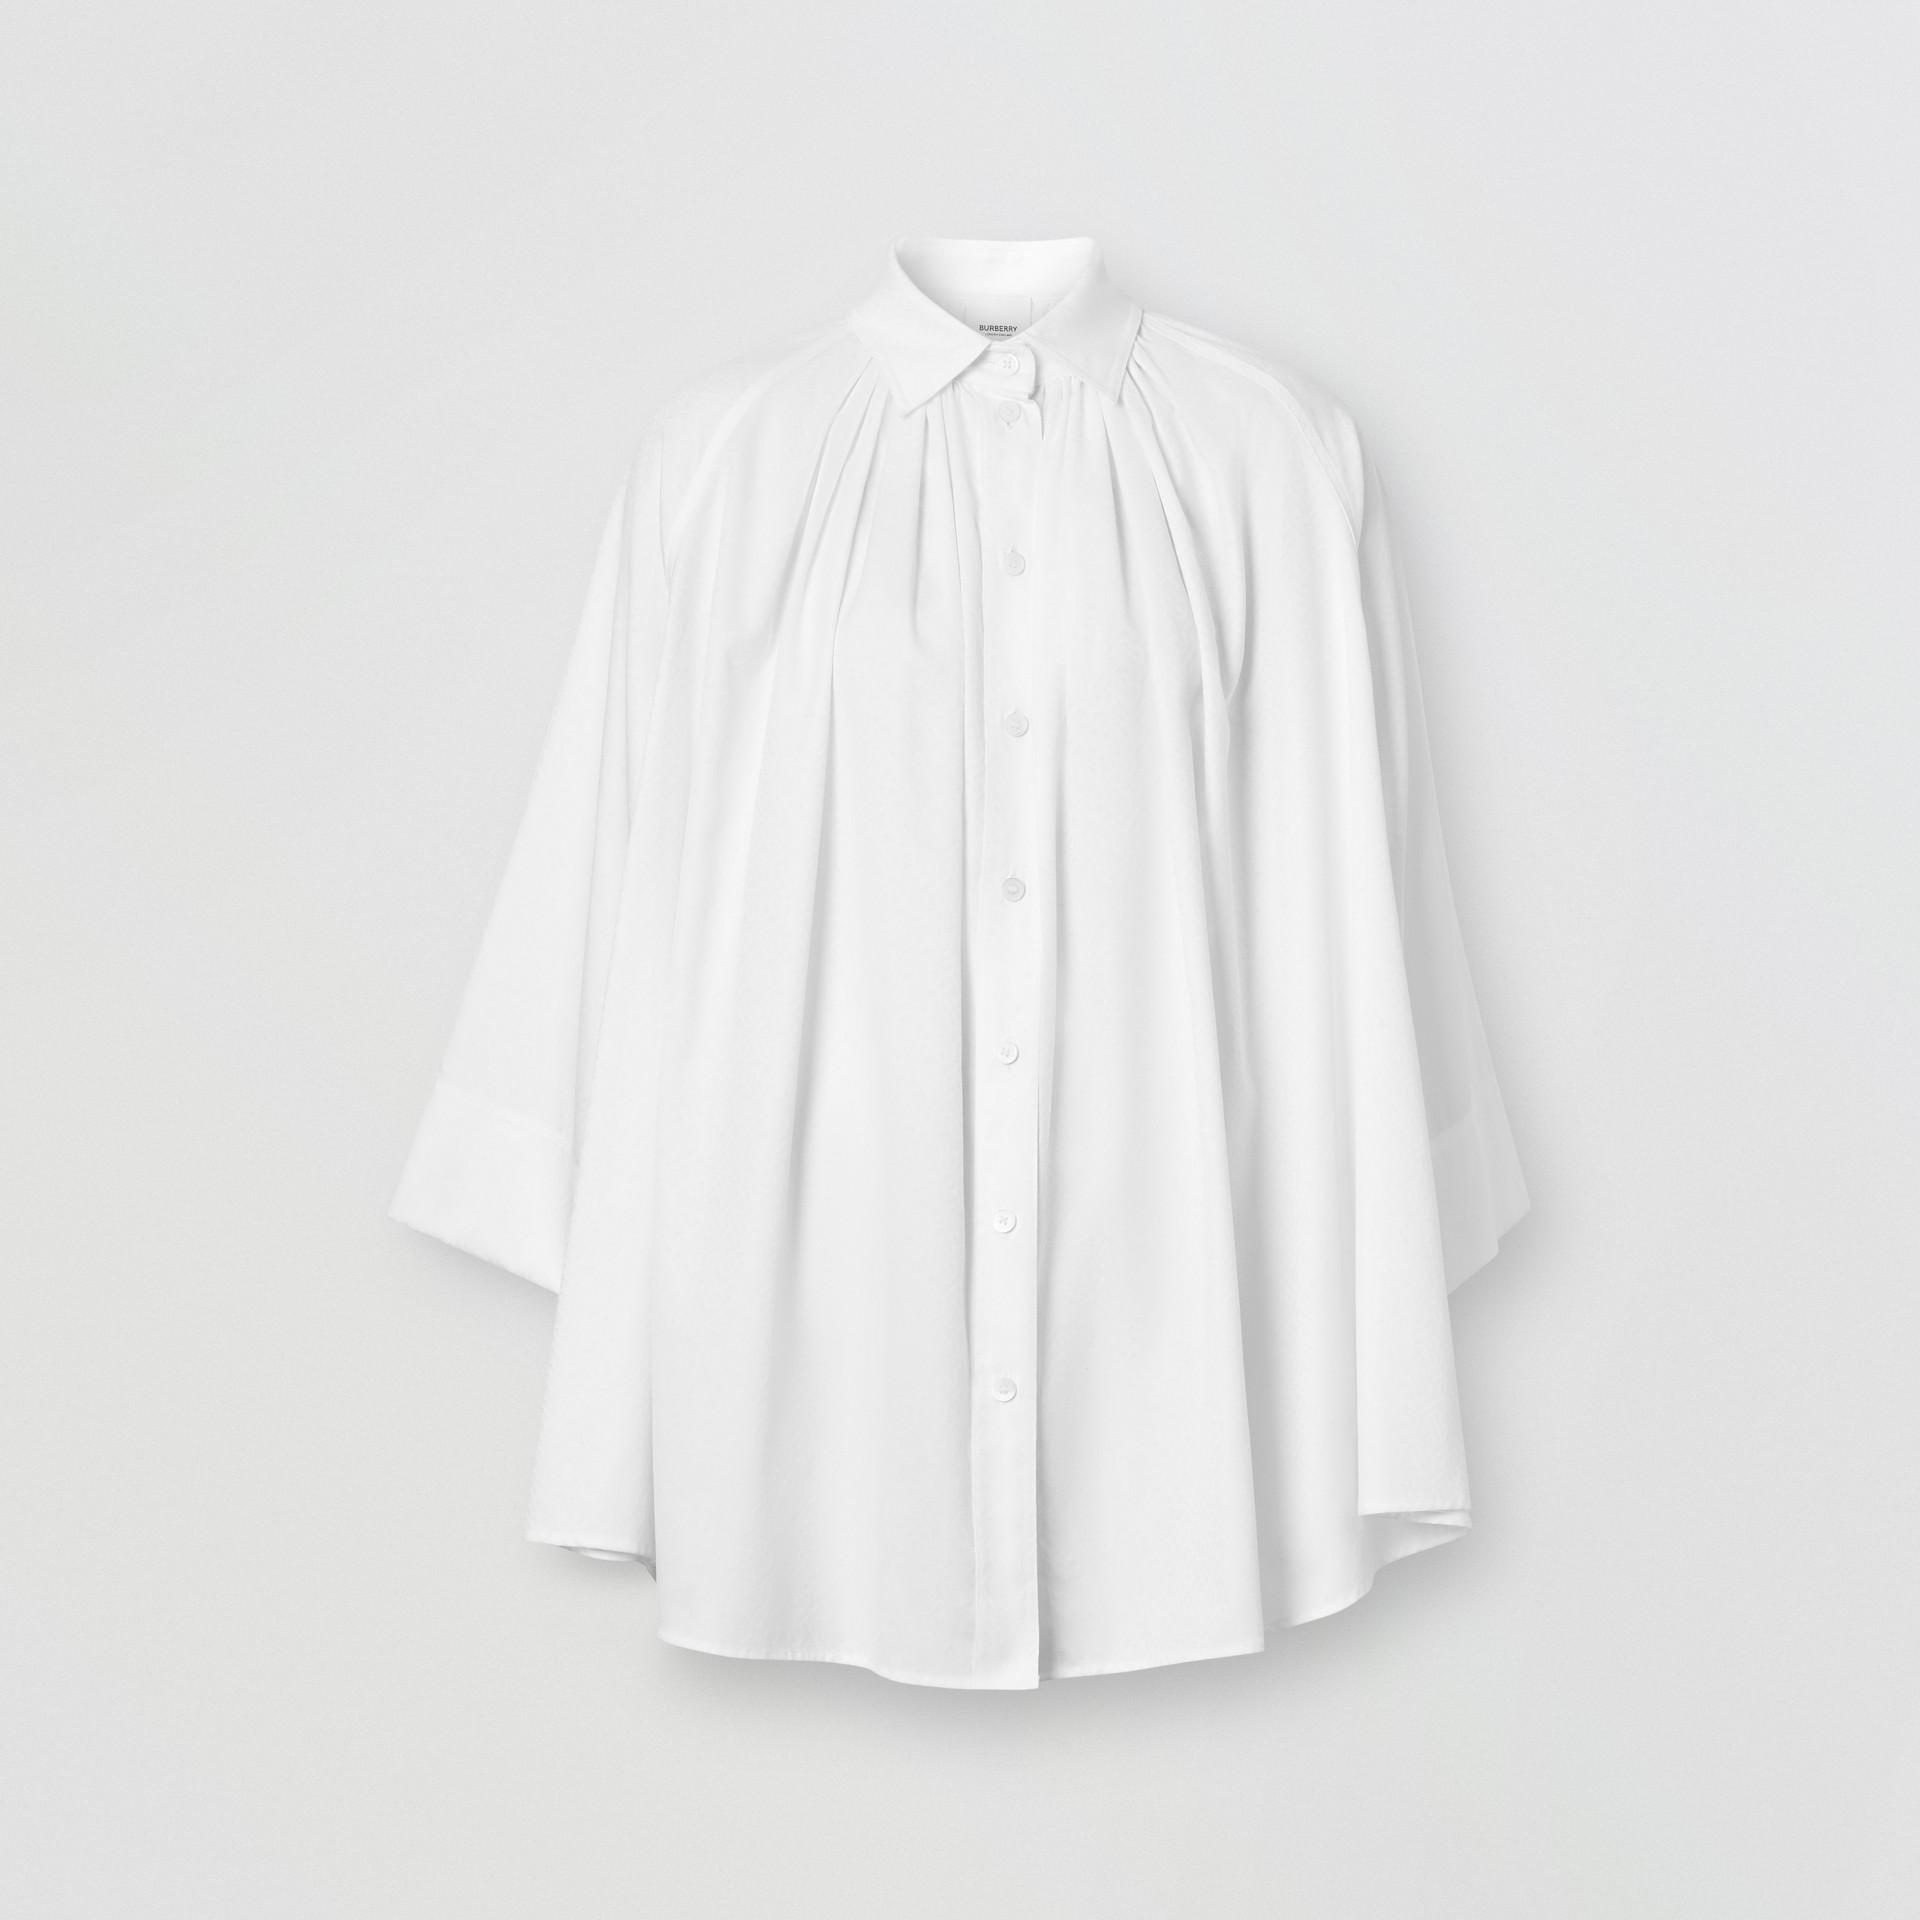 モノグラムコットン ジャカード オーバーサイズシャツ (オプティックホワイト) - ウィメンズ | バーバリー - ギャラリーイメージ 3